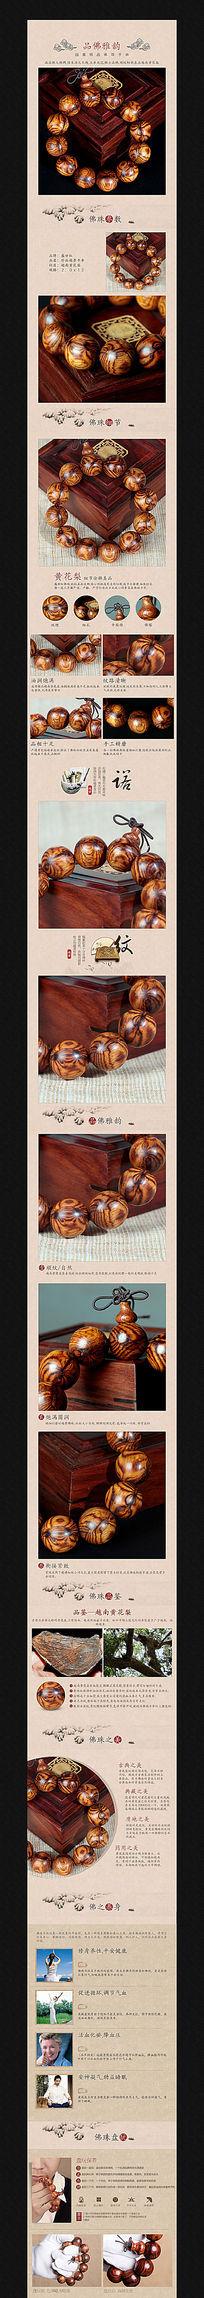 淘宝装饰品详情页描述